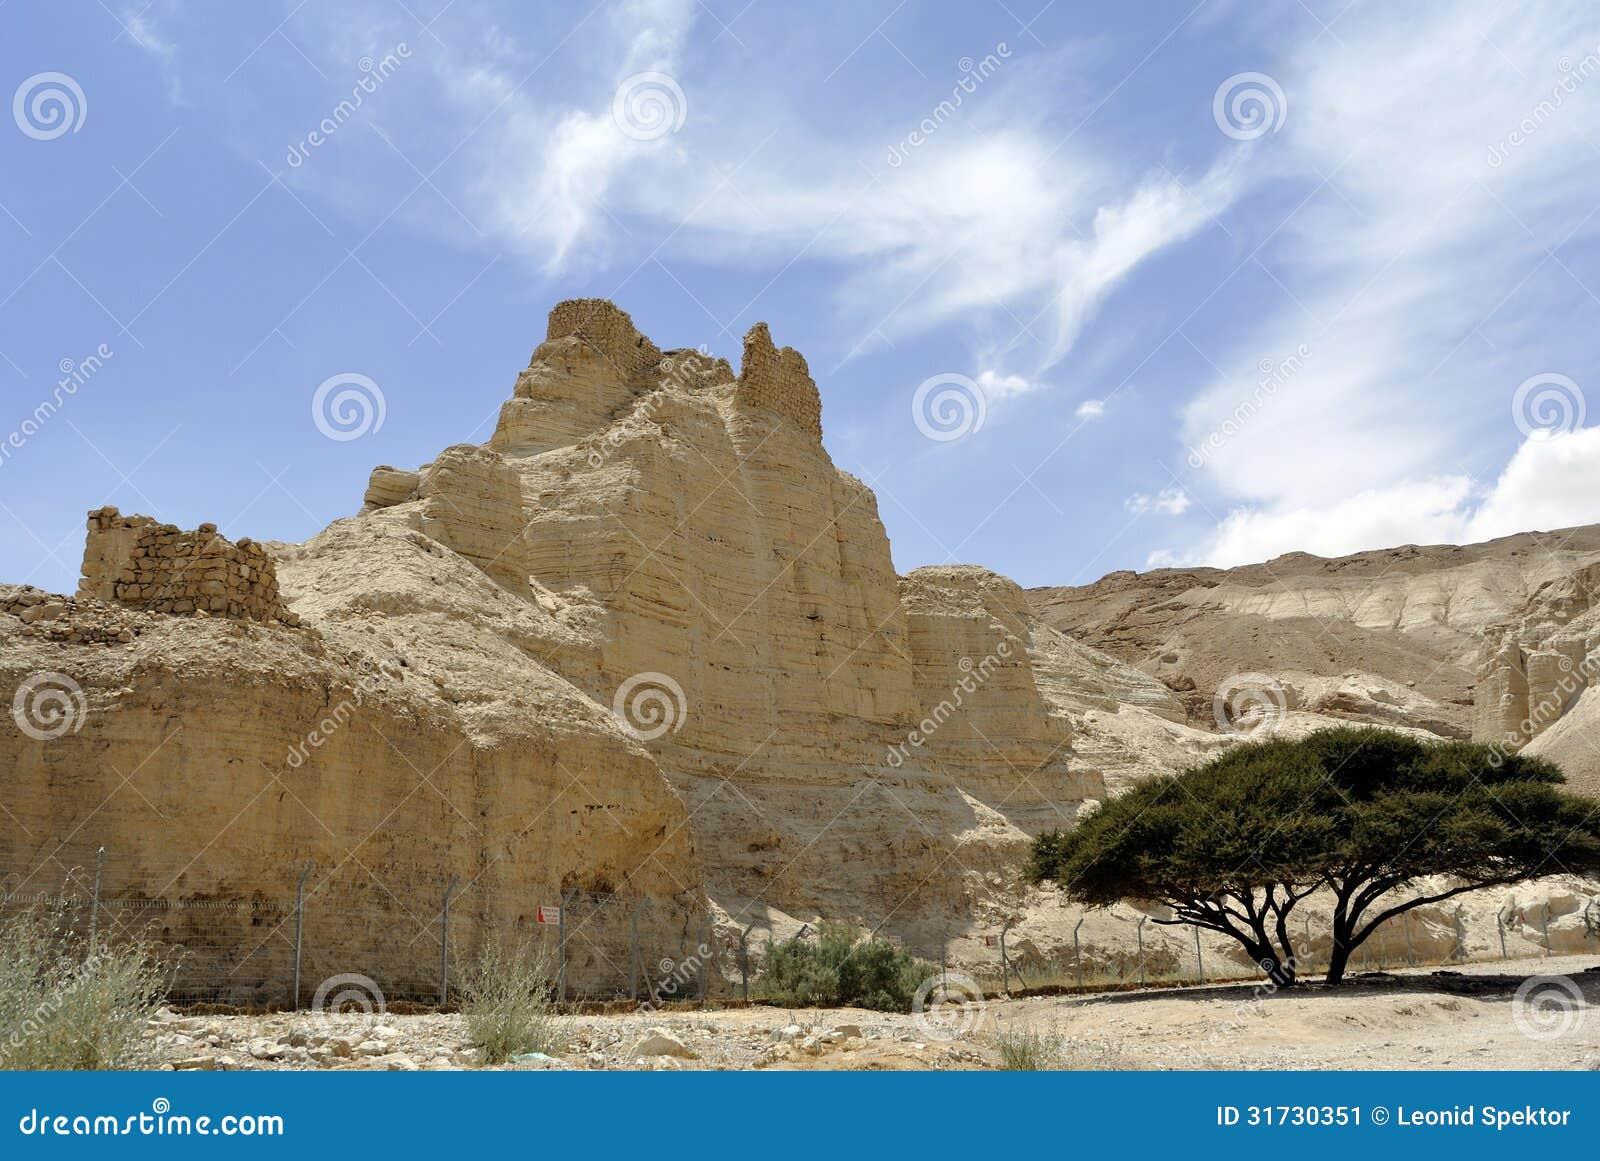 Крепость Zohar в пустыне Иудеи.